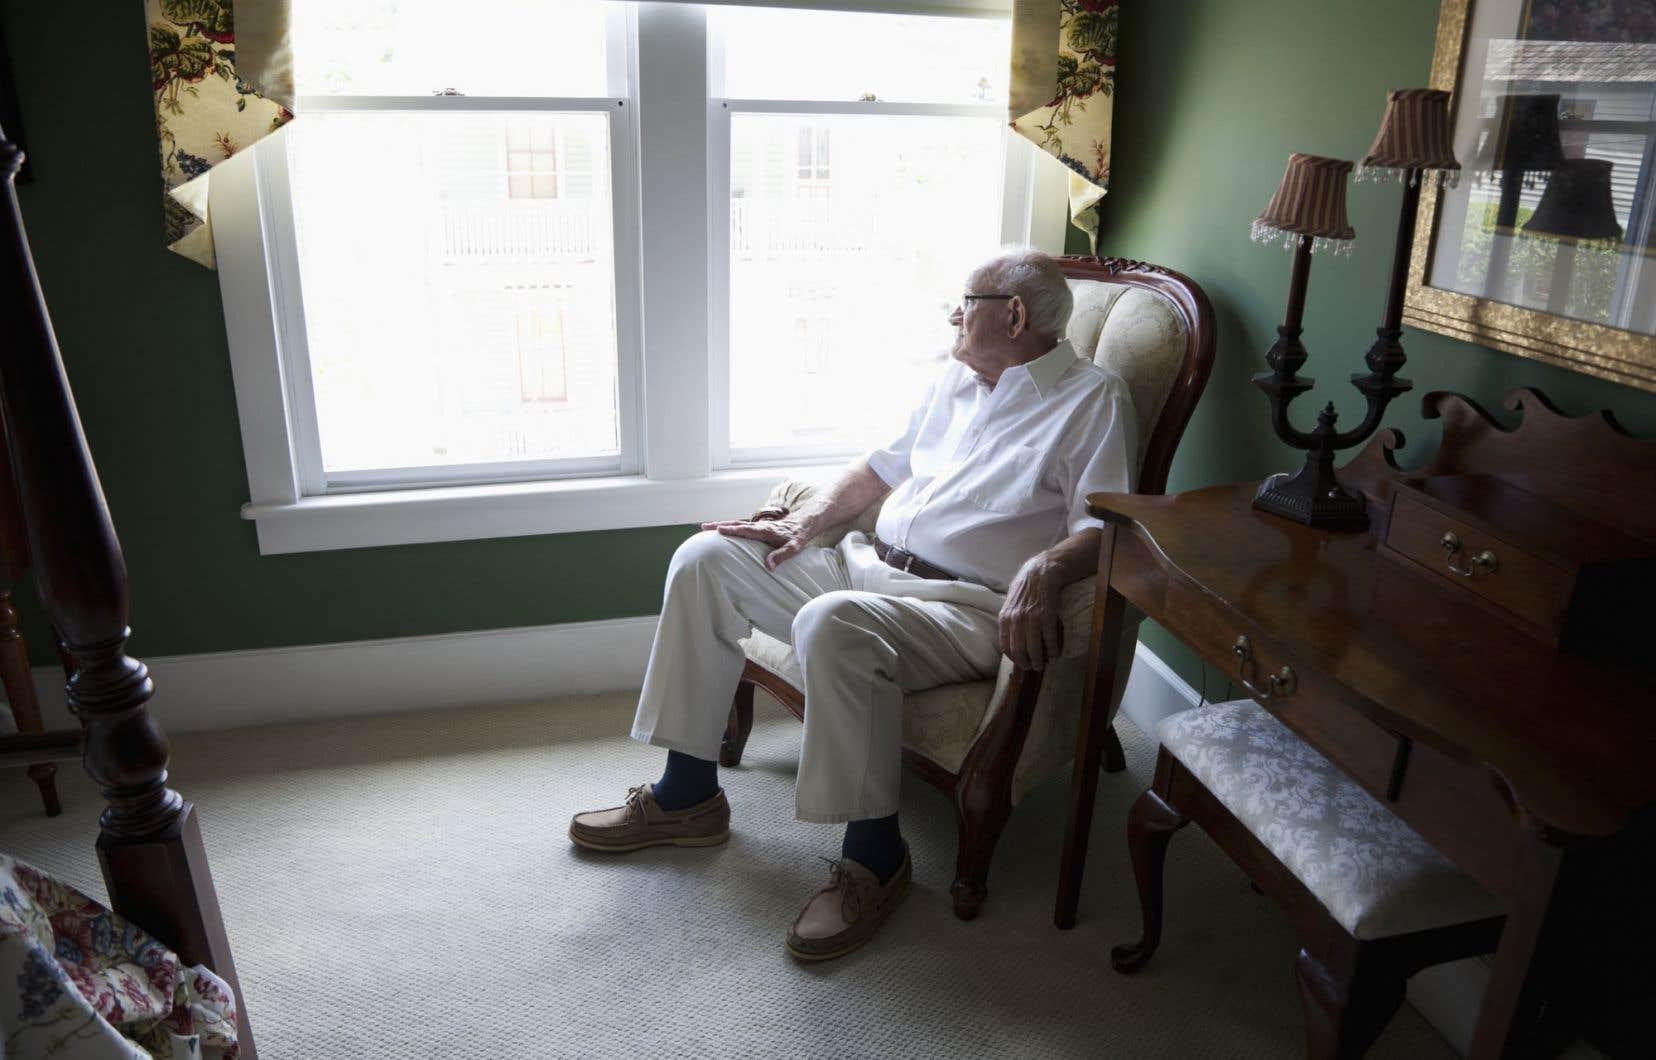 La loi 492 limite la possibilité pour un propriétaire d'évincer ou de reprendre le logement d'une personne âgée de 70ans ou plus qui occupe son logement depuis au moins dix ans et dont la situation financière est précaire.